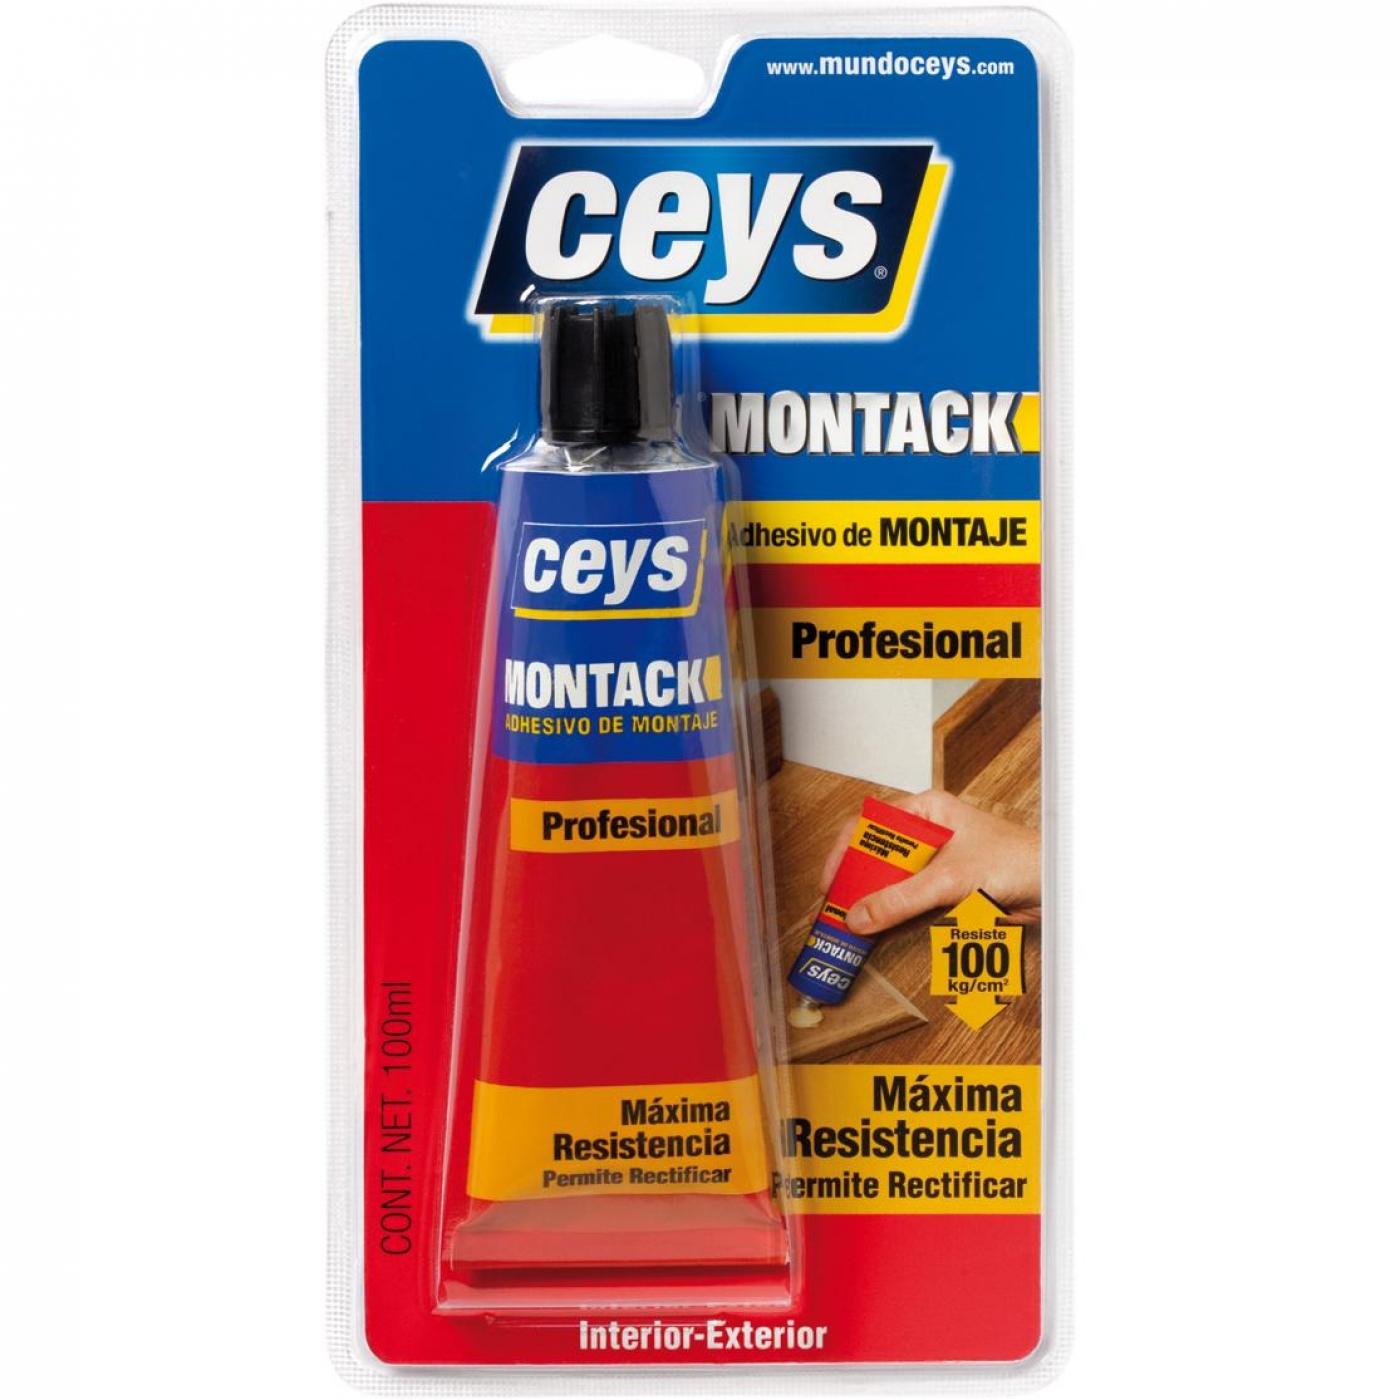 Adhesivo De Montaje Ceys ~ Adhesivo de montaje express Ceys Montack 100 ml por 4,95 u20ac en Planeta Huerto